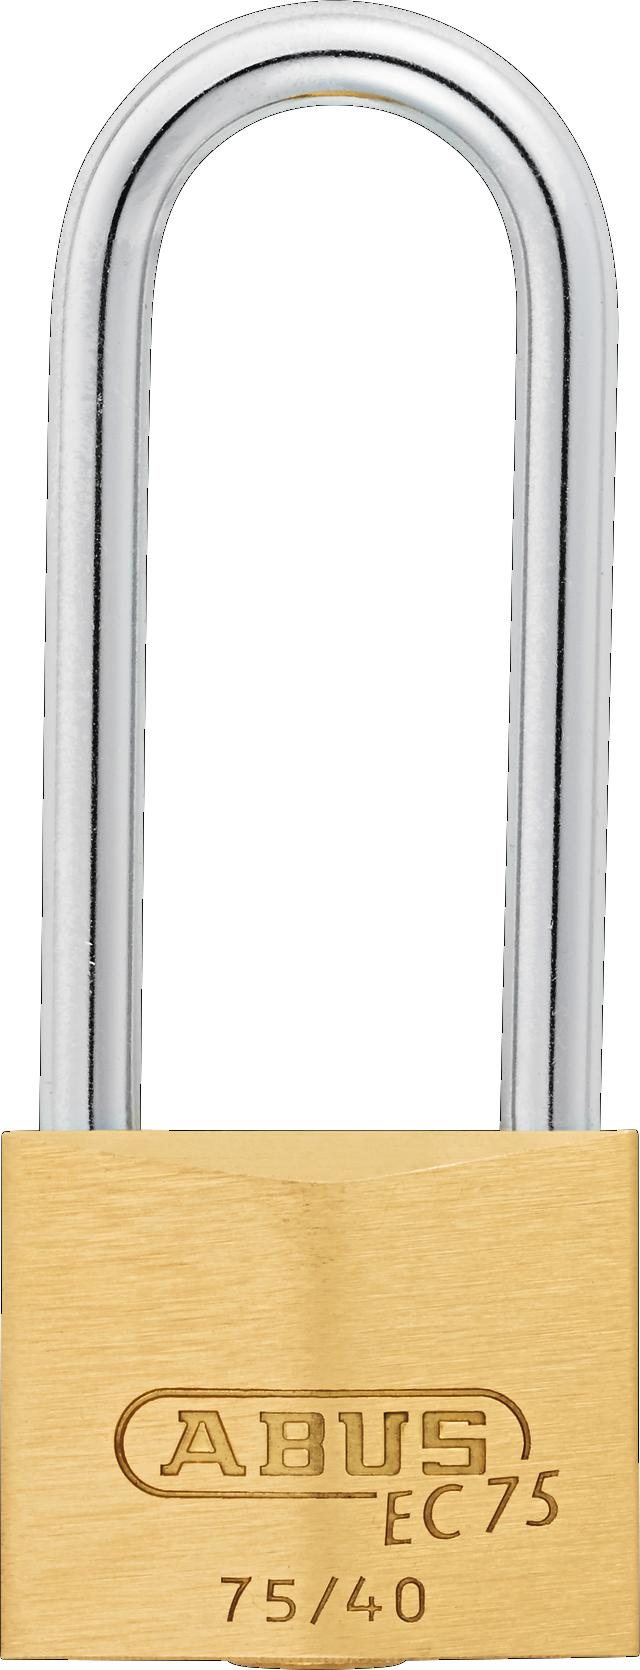 Vorhangschloss Messing 75/40HB63 gl.-7342 Rückansicht